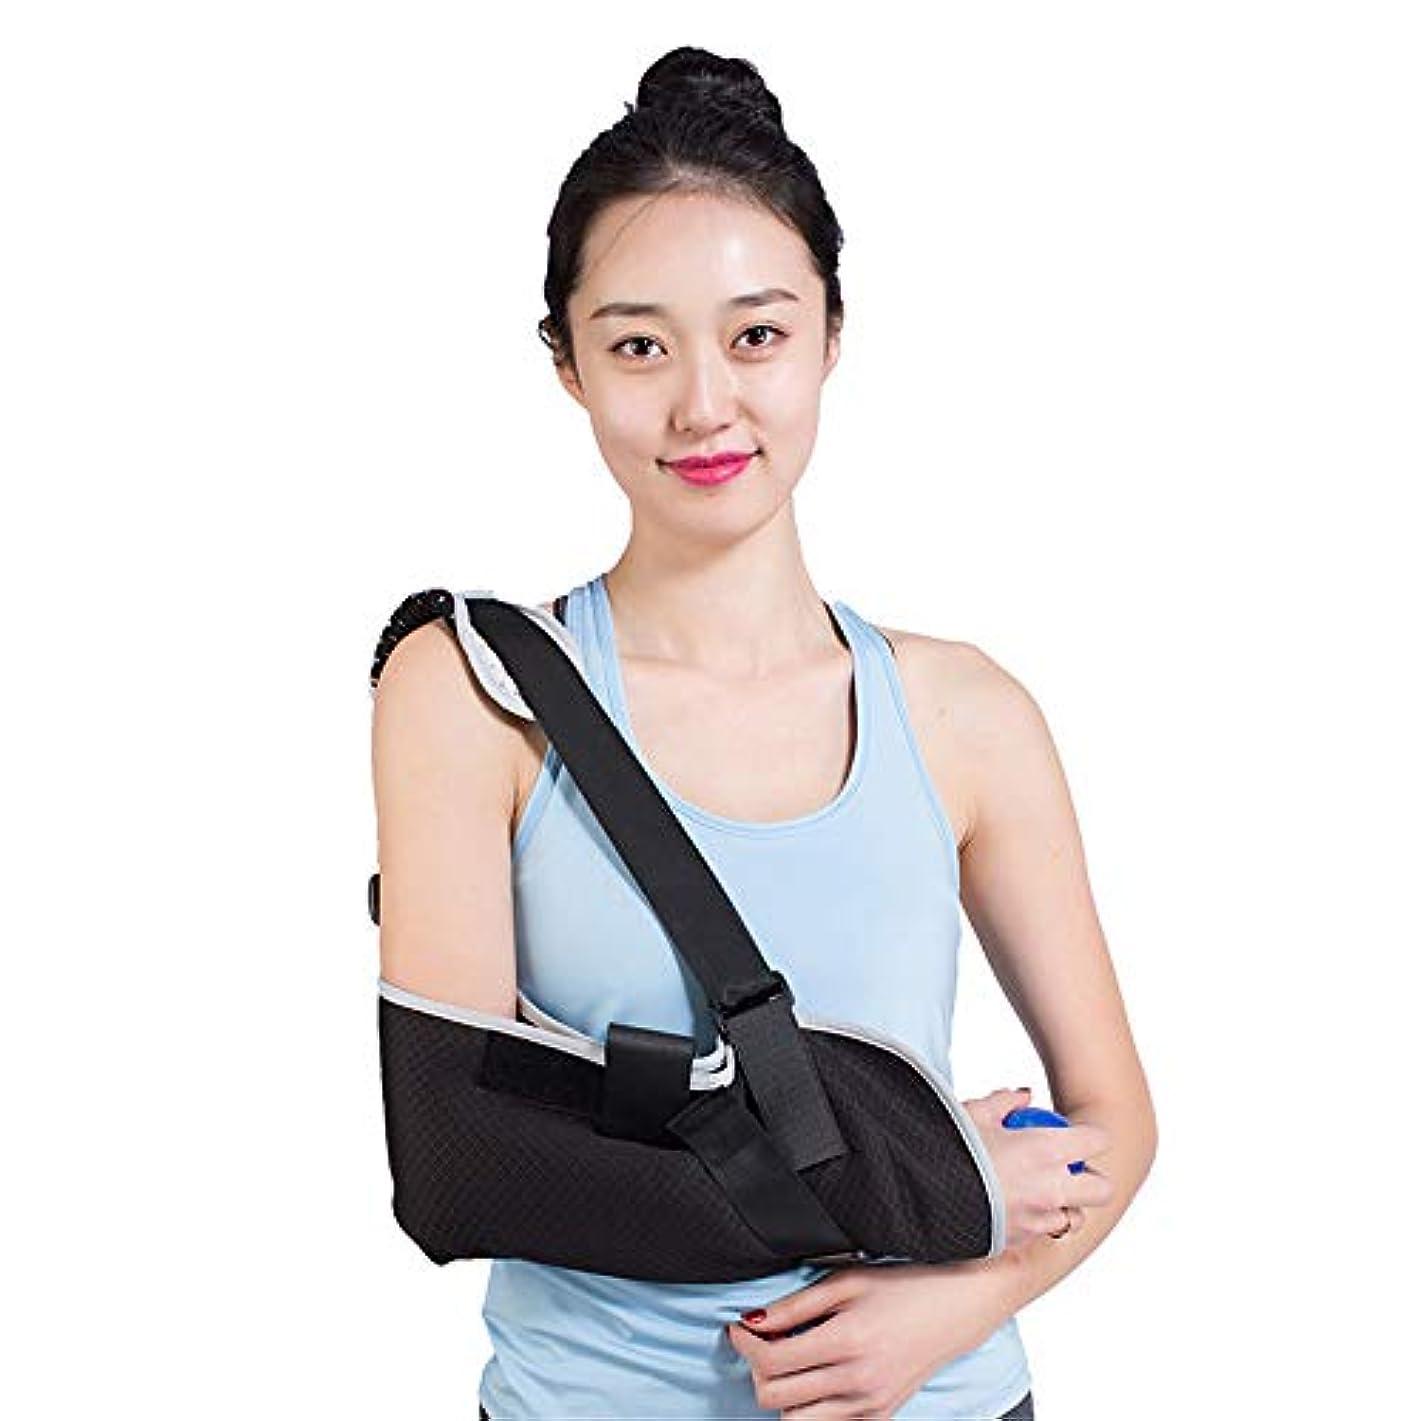 伴う主権者合成アームスリング、ショルダーイモビライザー、壊れたアームイモビライザー用手首肘サポート人間工学的、軽量、通気性メッシュ-男性と女性の両方に適合、フリーサイズ